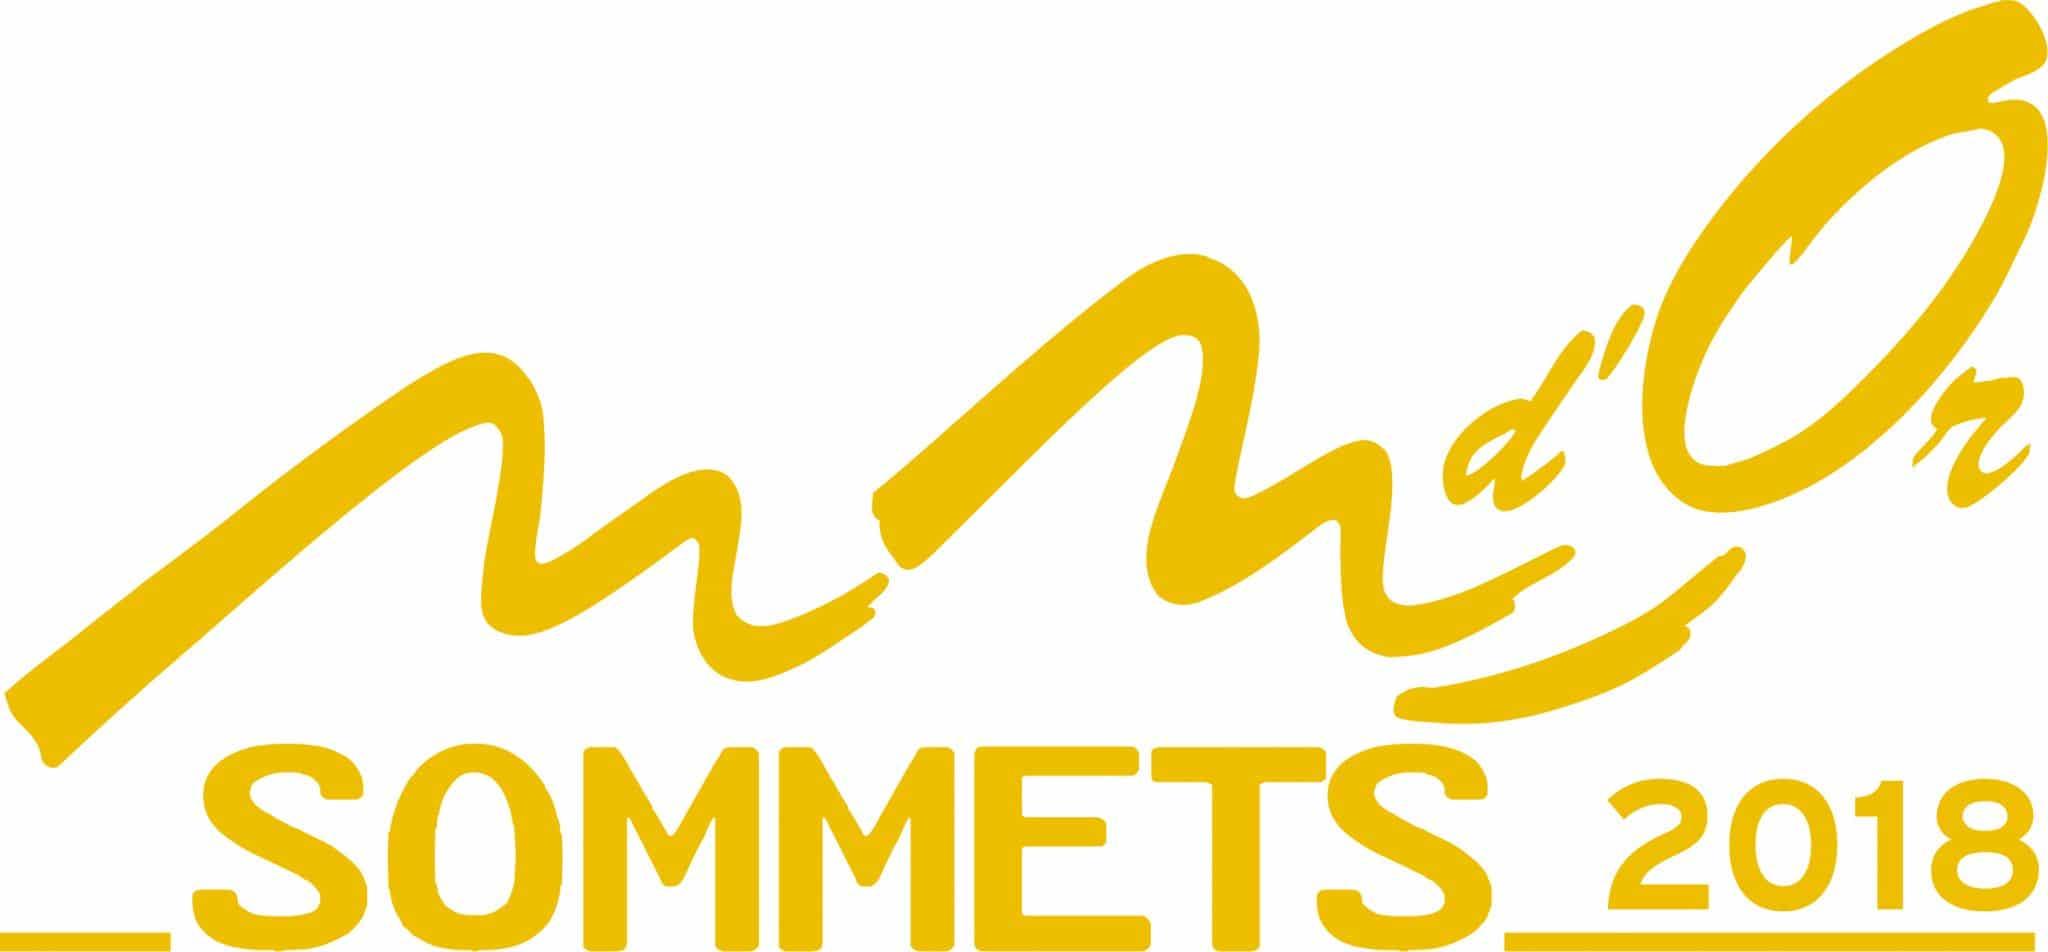 Sommet d'or